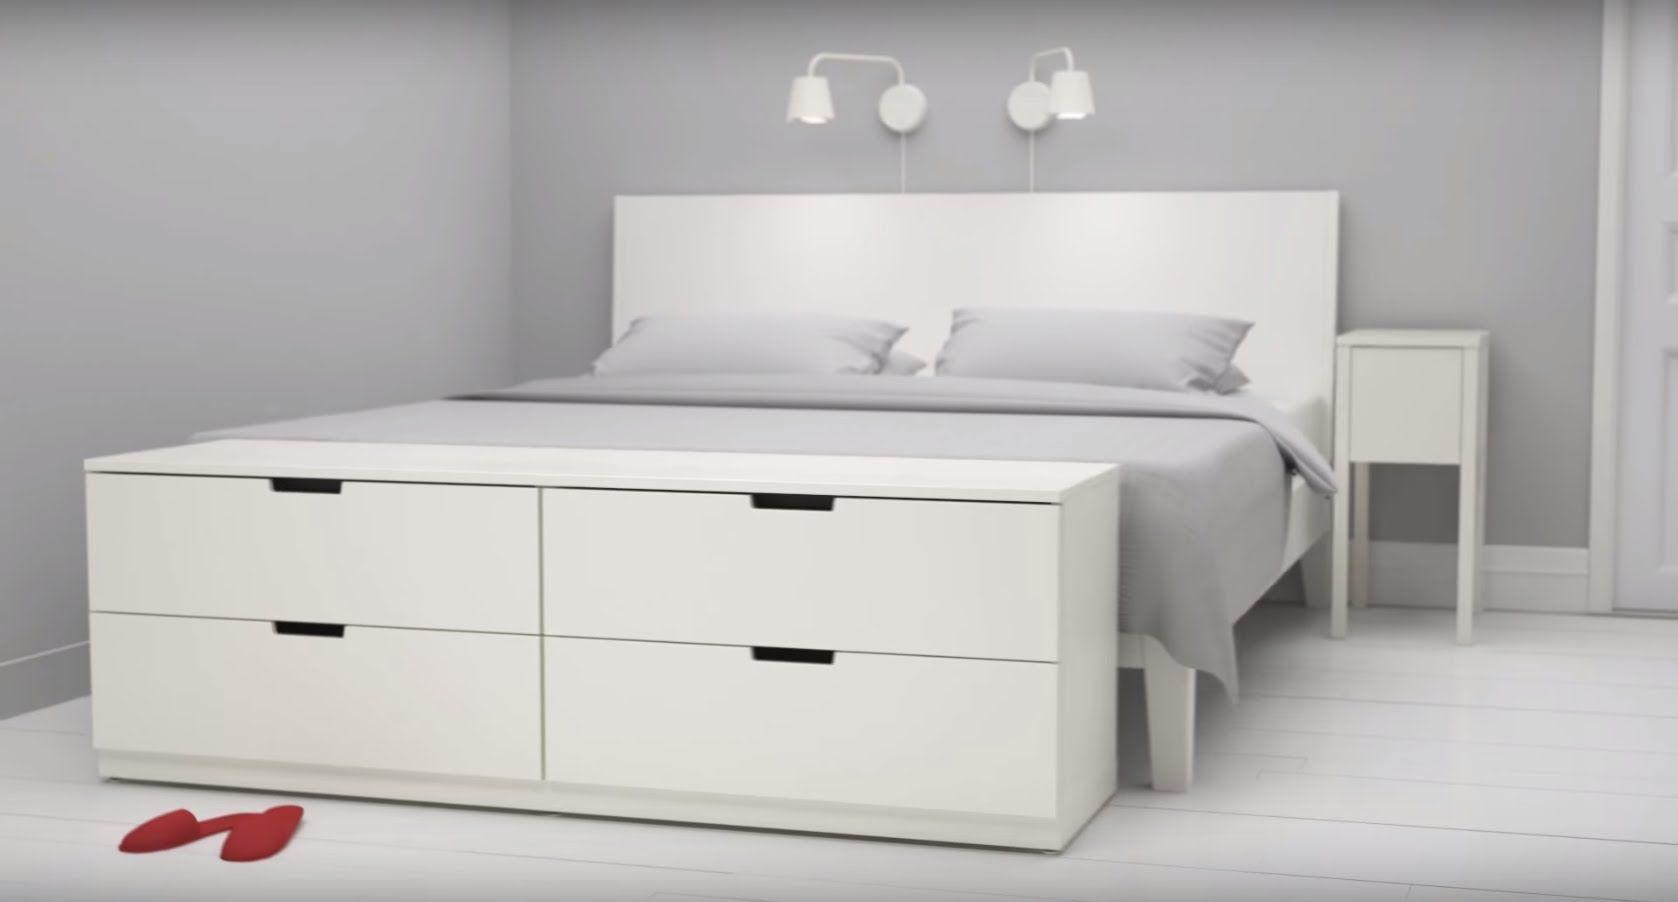 billige schlafzimmer, billig schlafzimmer kommoden | deutsche deko | pinterest, Design ideen